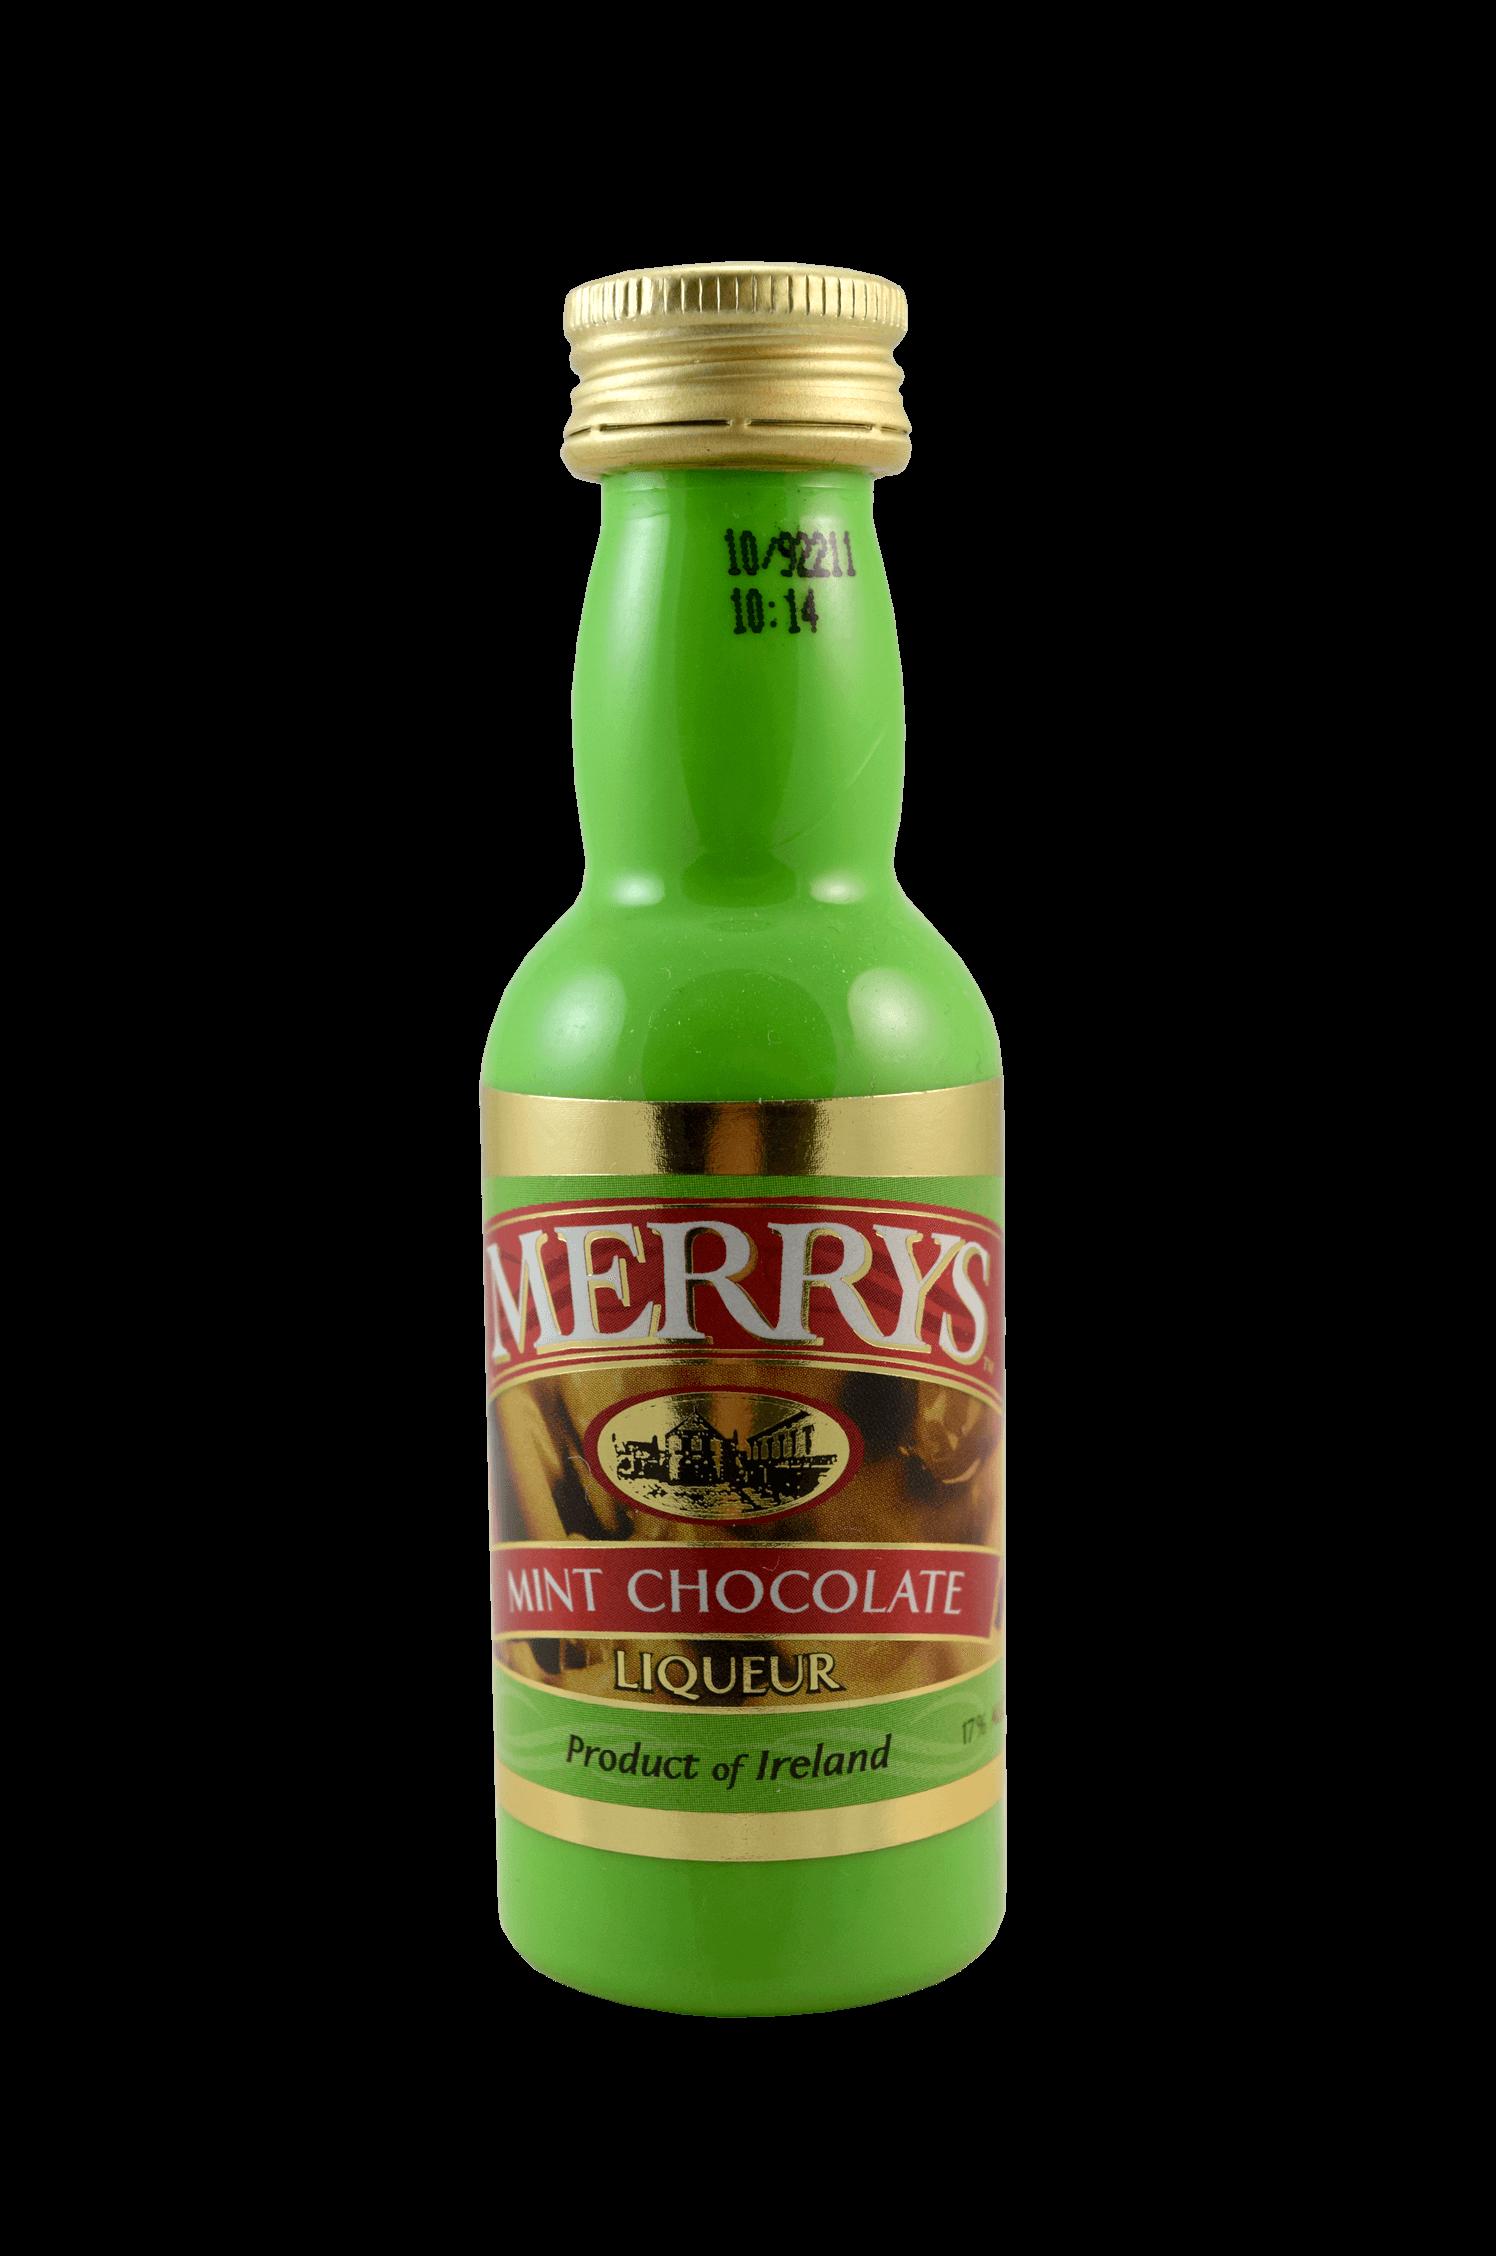 Mint Chocolate Liqueur